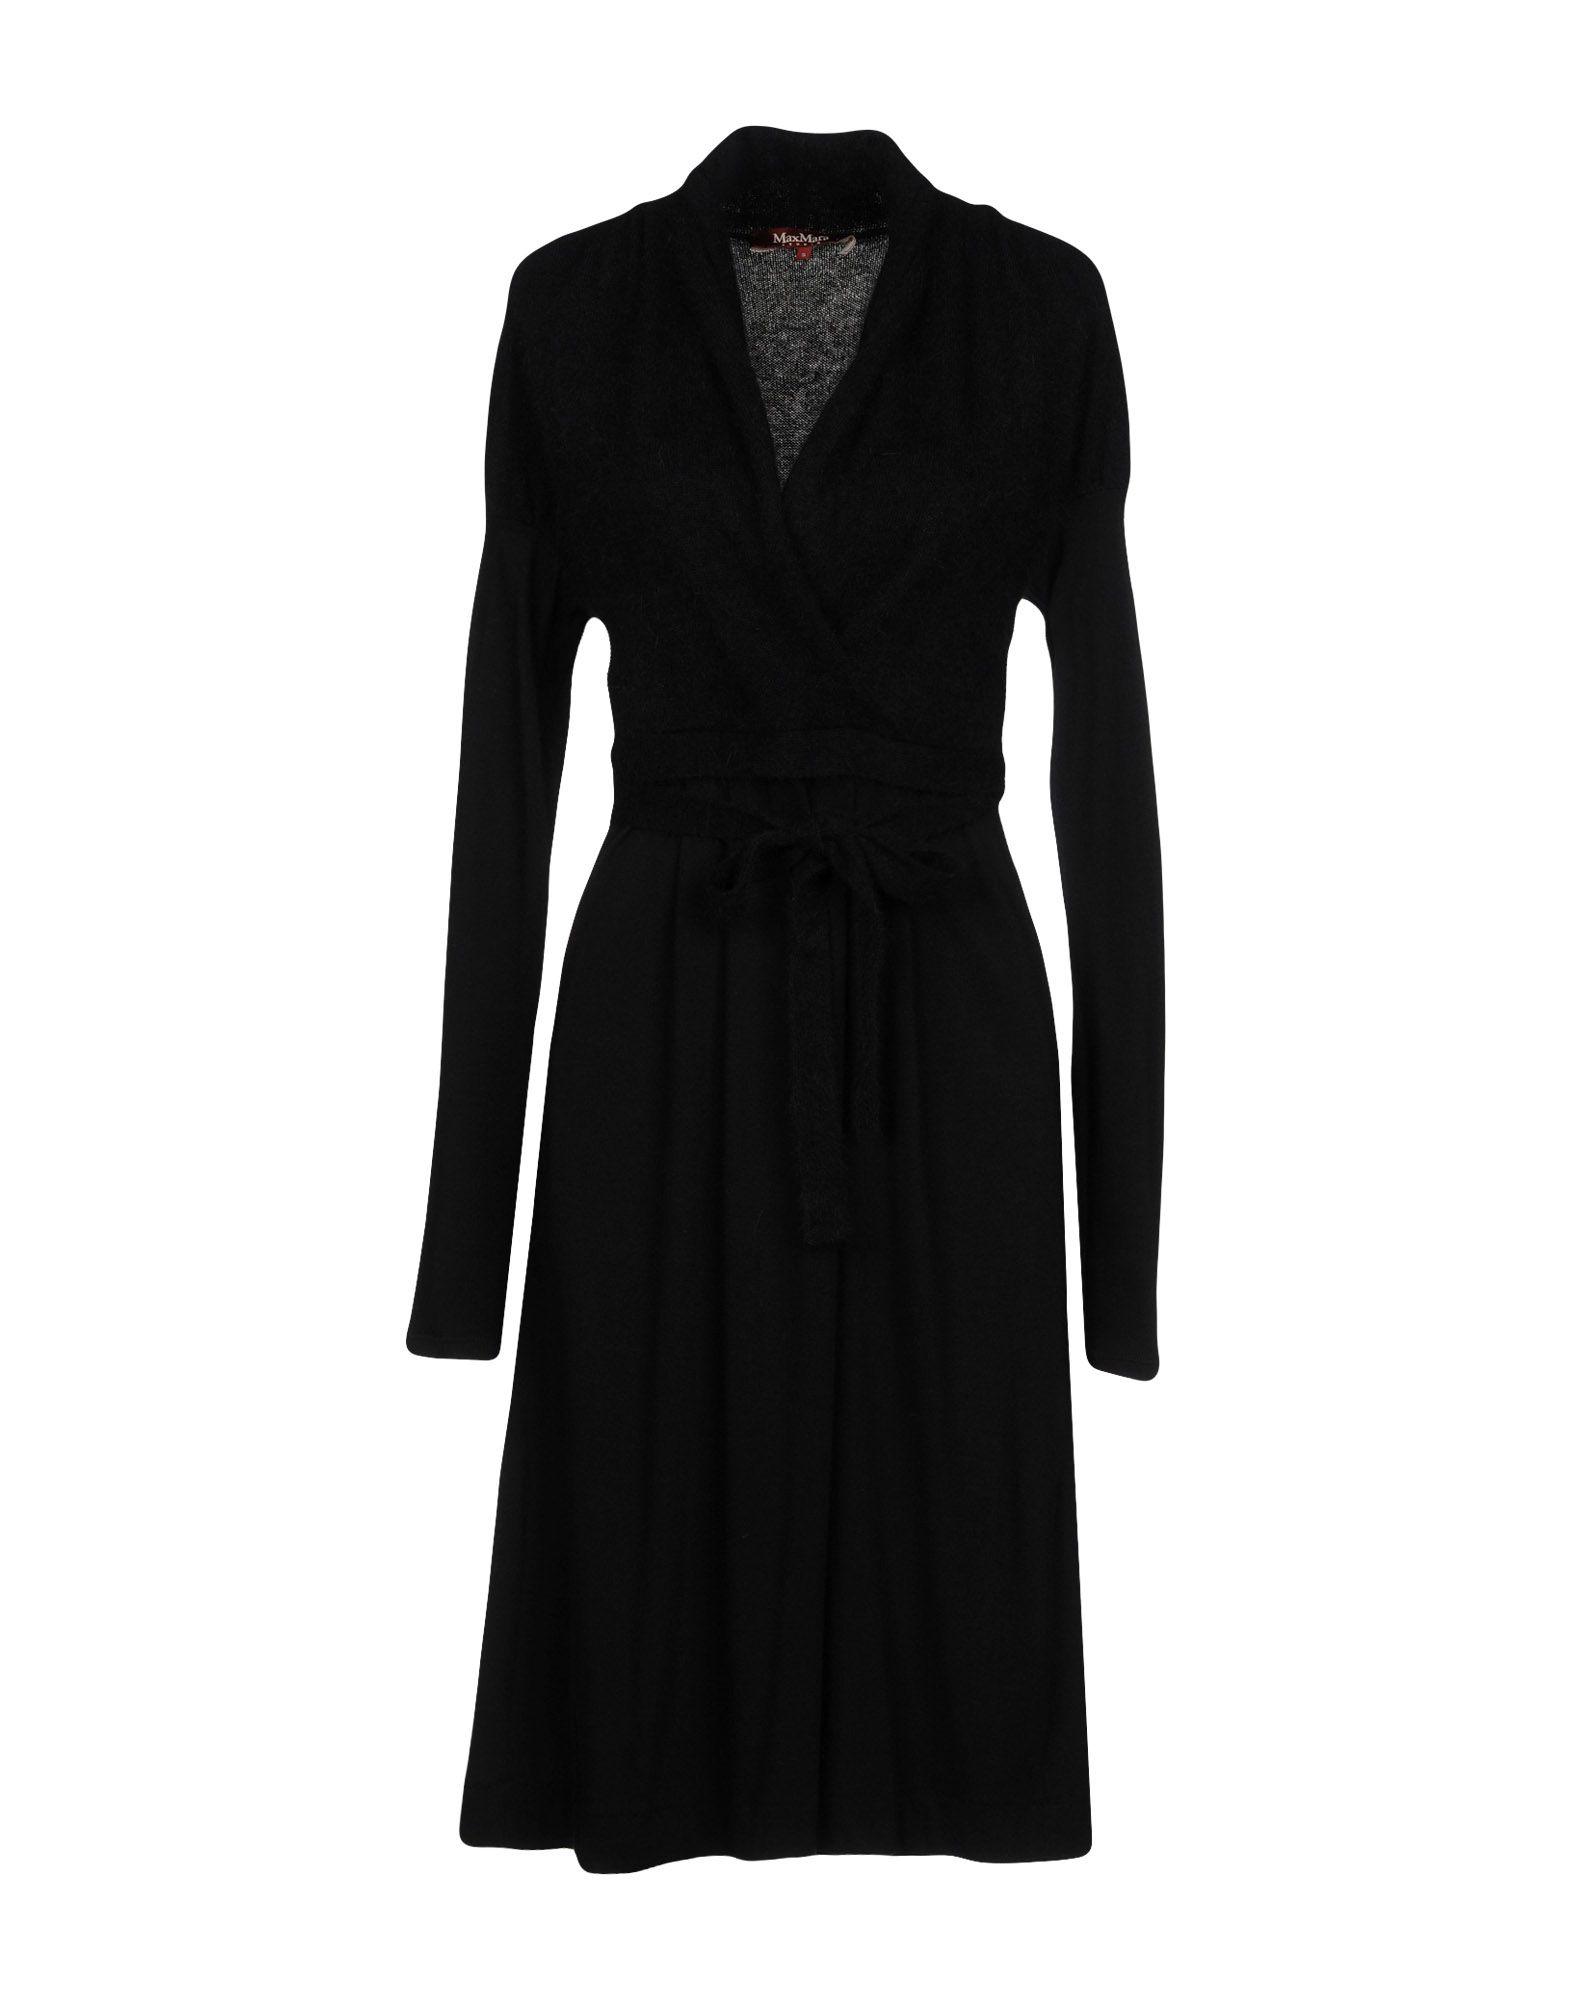 MAX MARA STUDIO Платье до колена пальто max mara пальто длинные